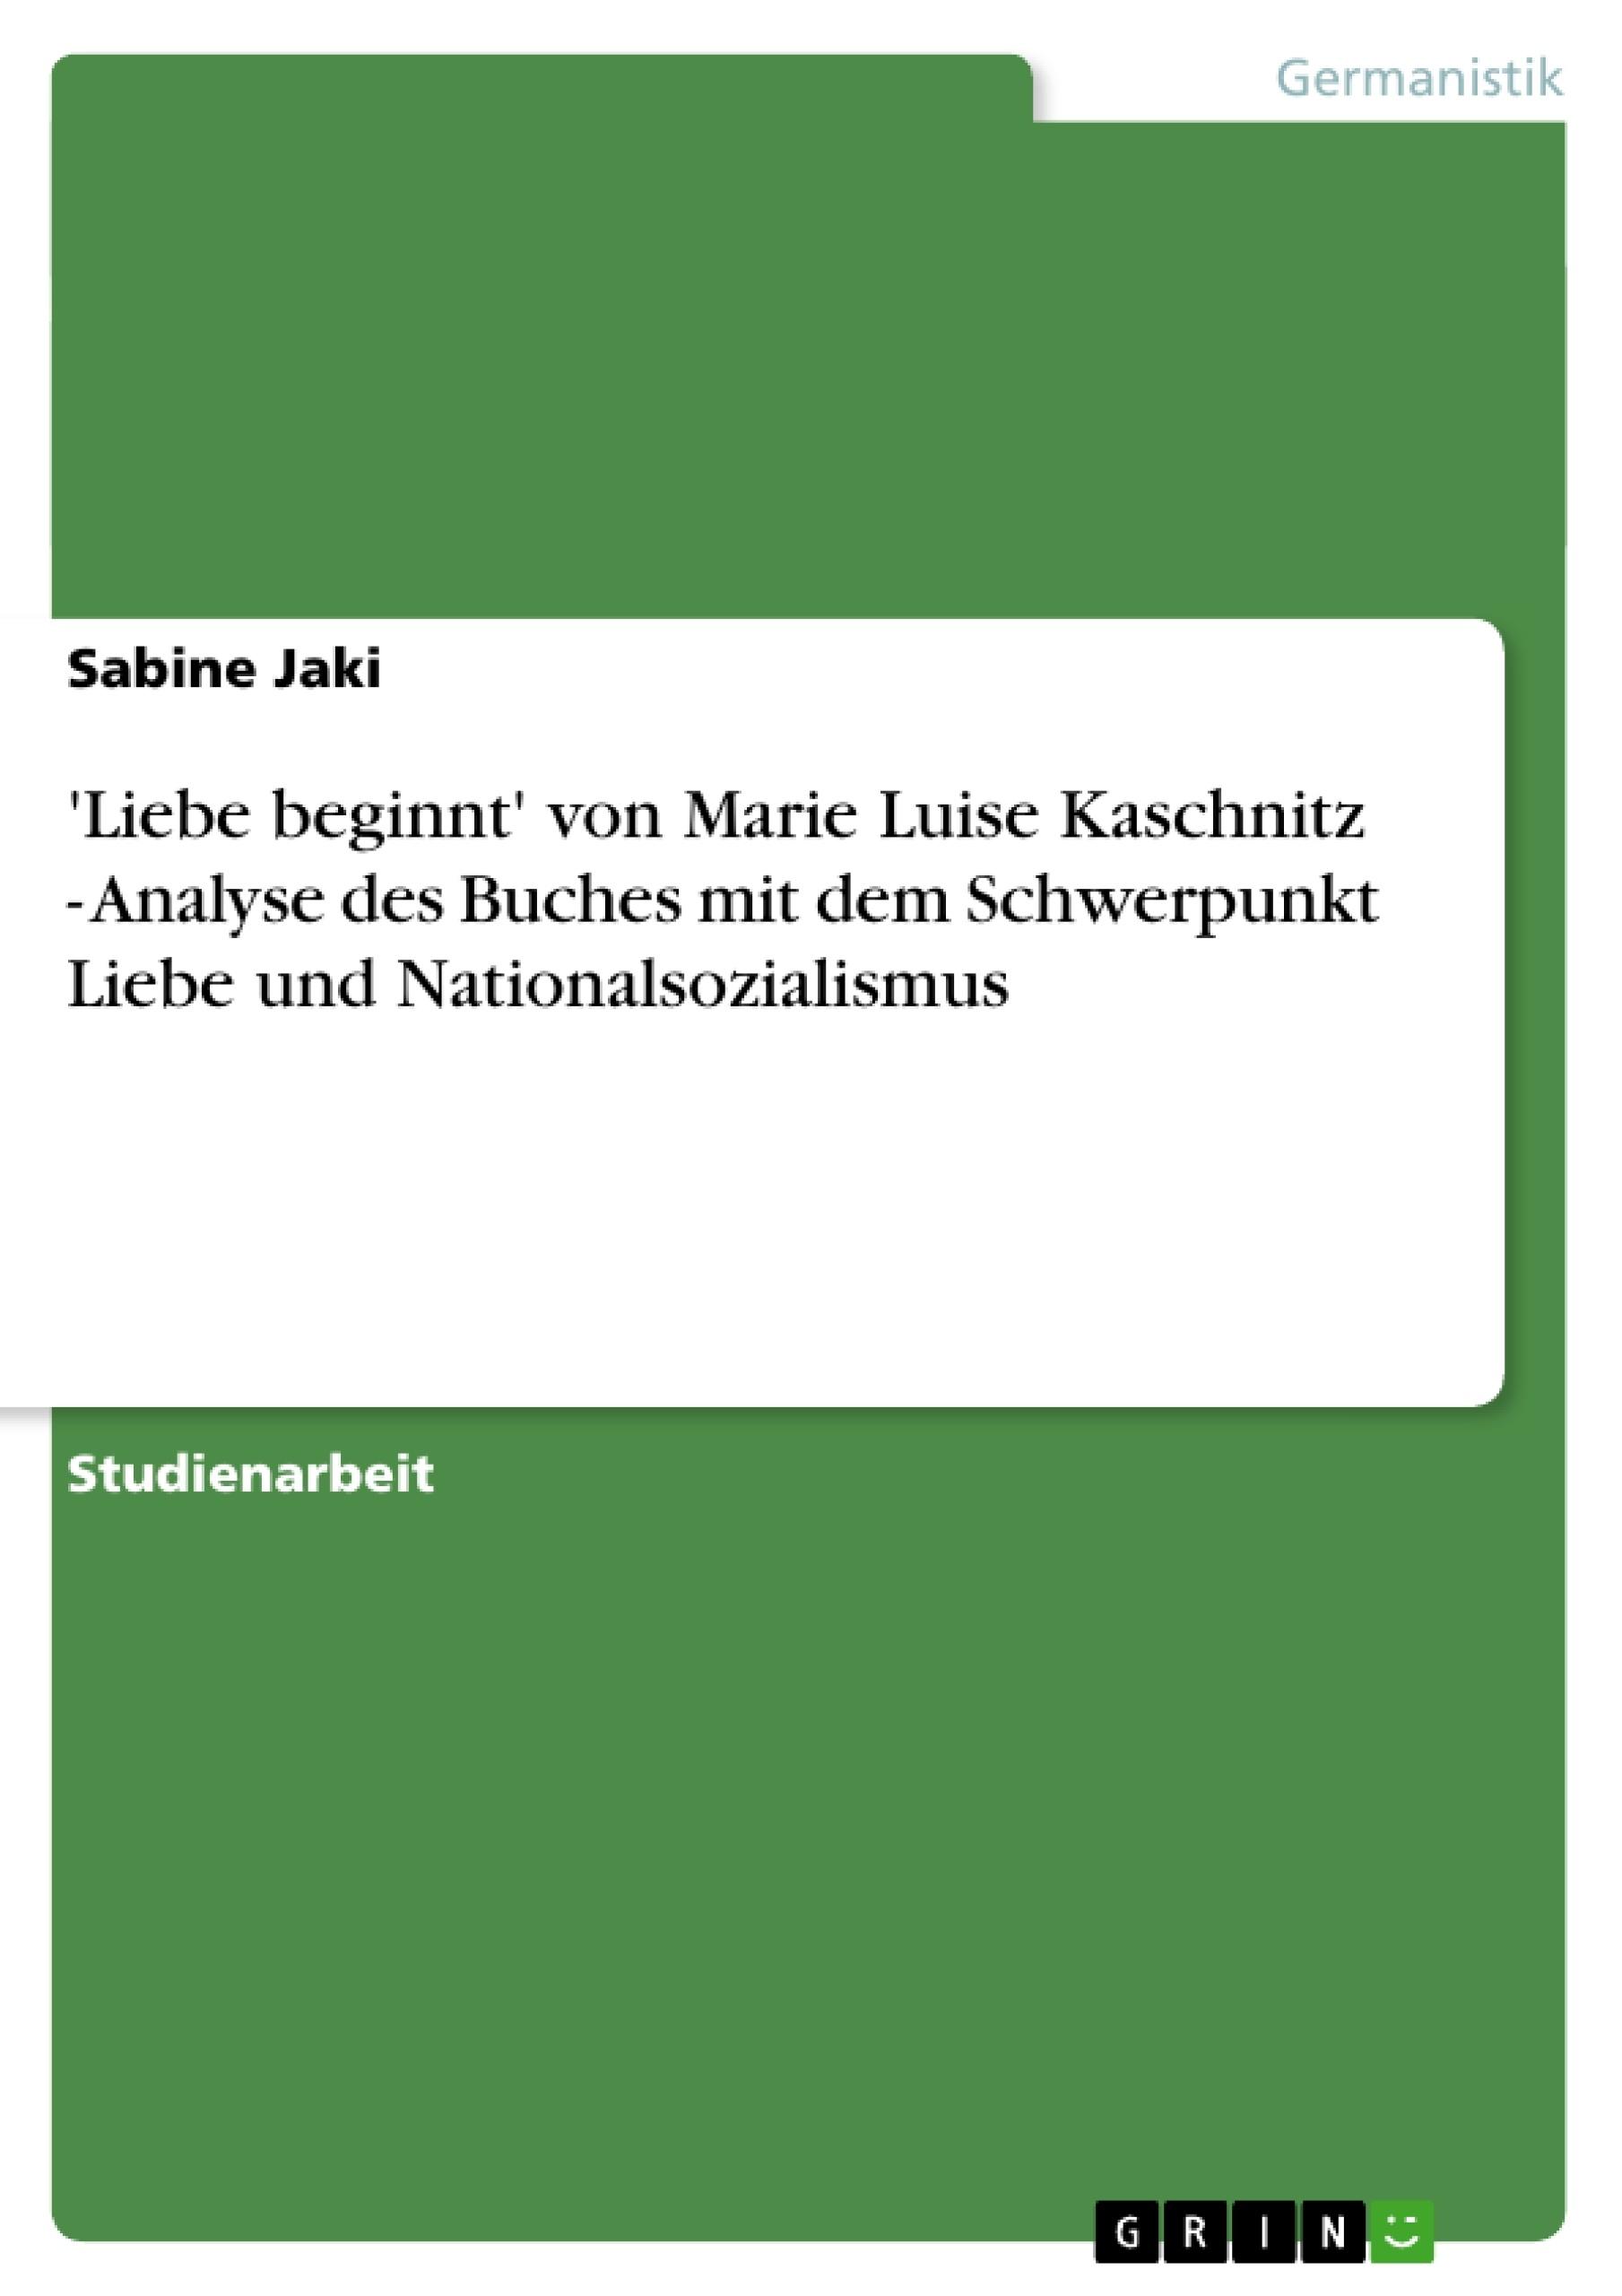 Titel: 'Liebe beginnt' von Marie Luise Kaschnitz - Analyse des Buches mit dem Schwerpunkt Liebe und Nationalsozialismus